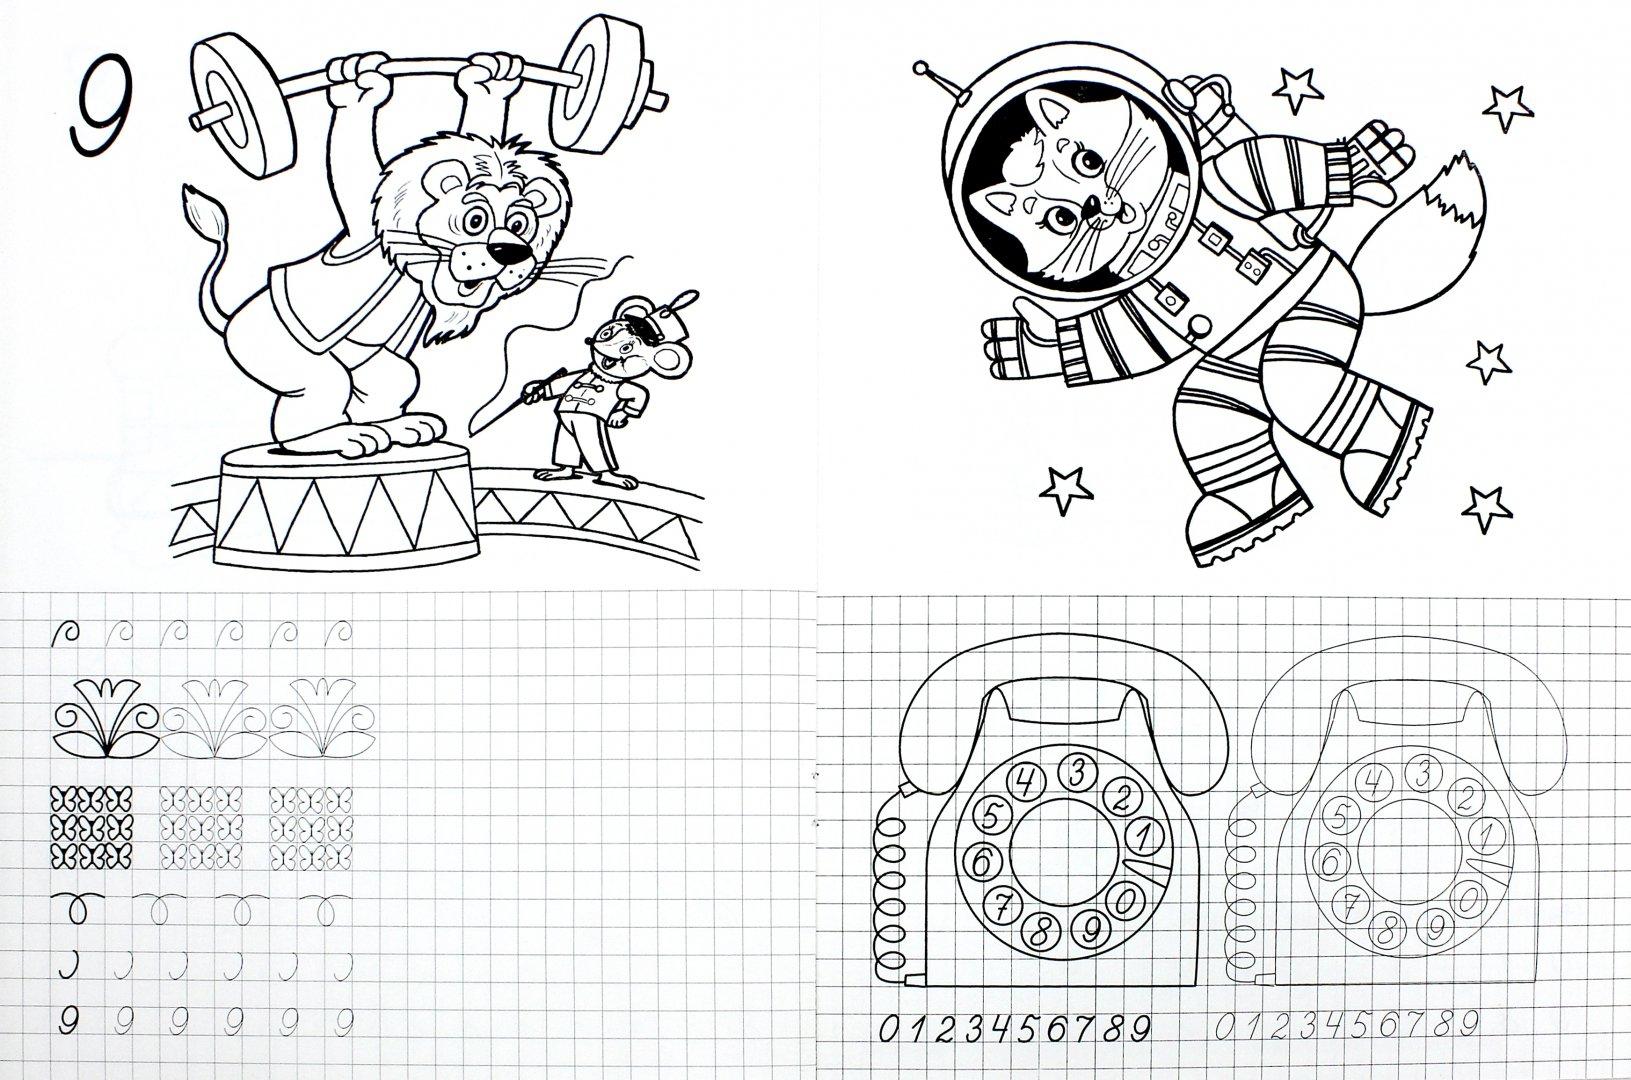 Иллюстрация 1 из 4 для Знаешь ли ты цифры? | Лабиринт - книги. Источник: Лабиринт